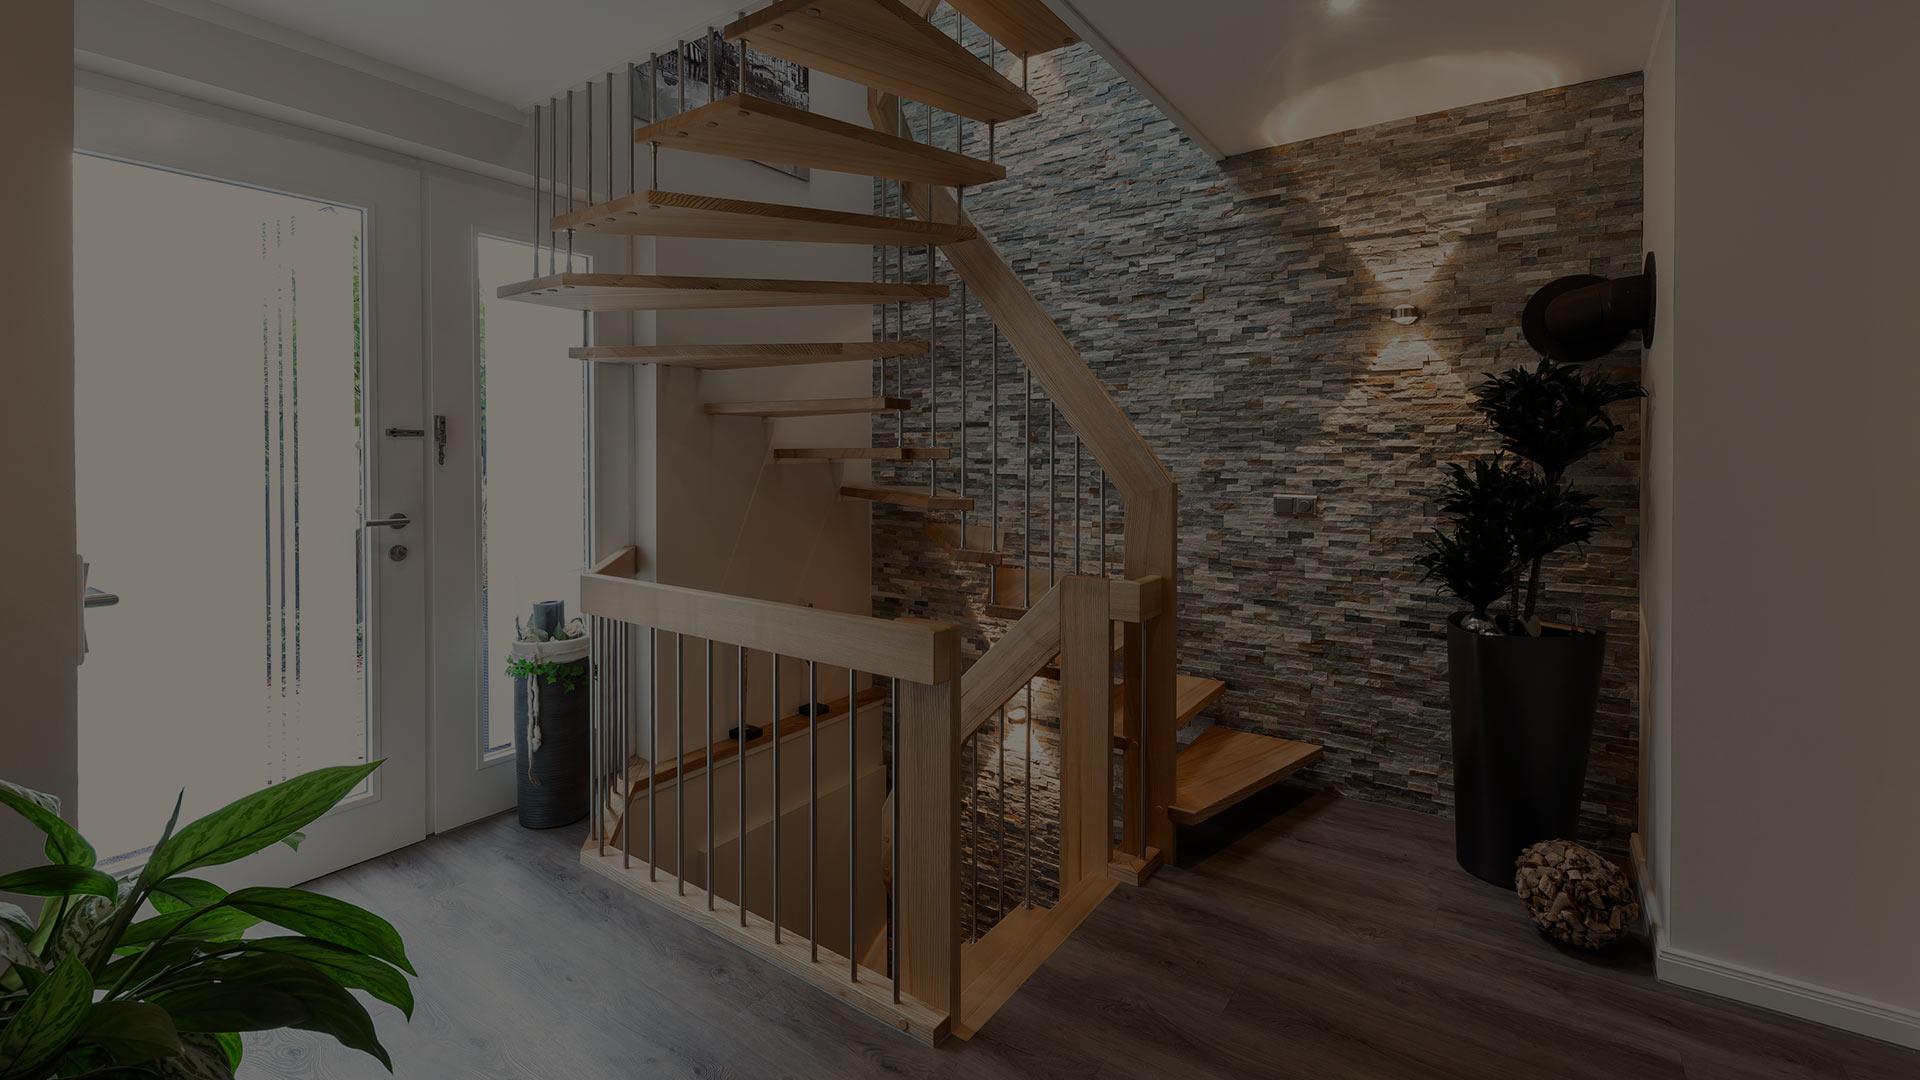 Handlauftragende Treppen